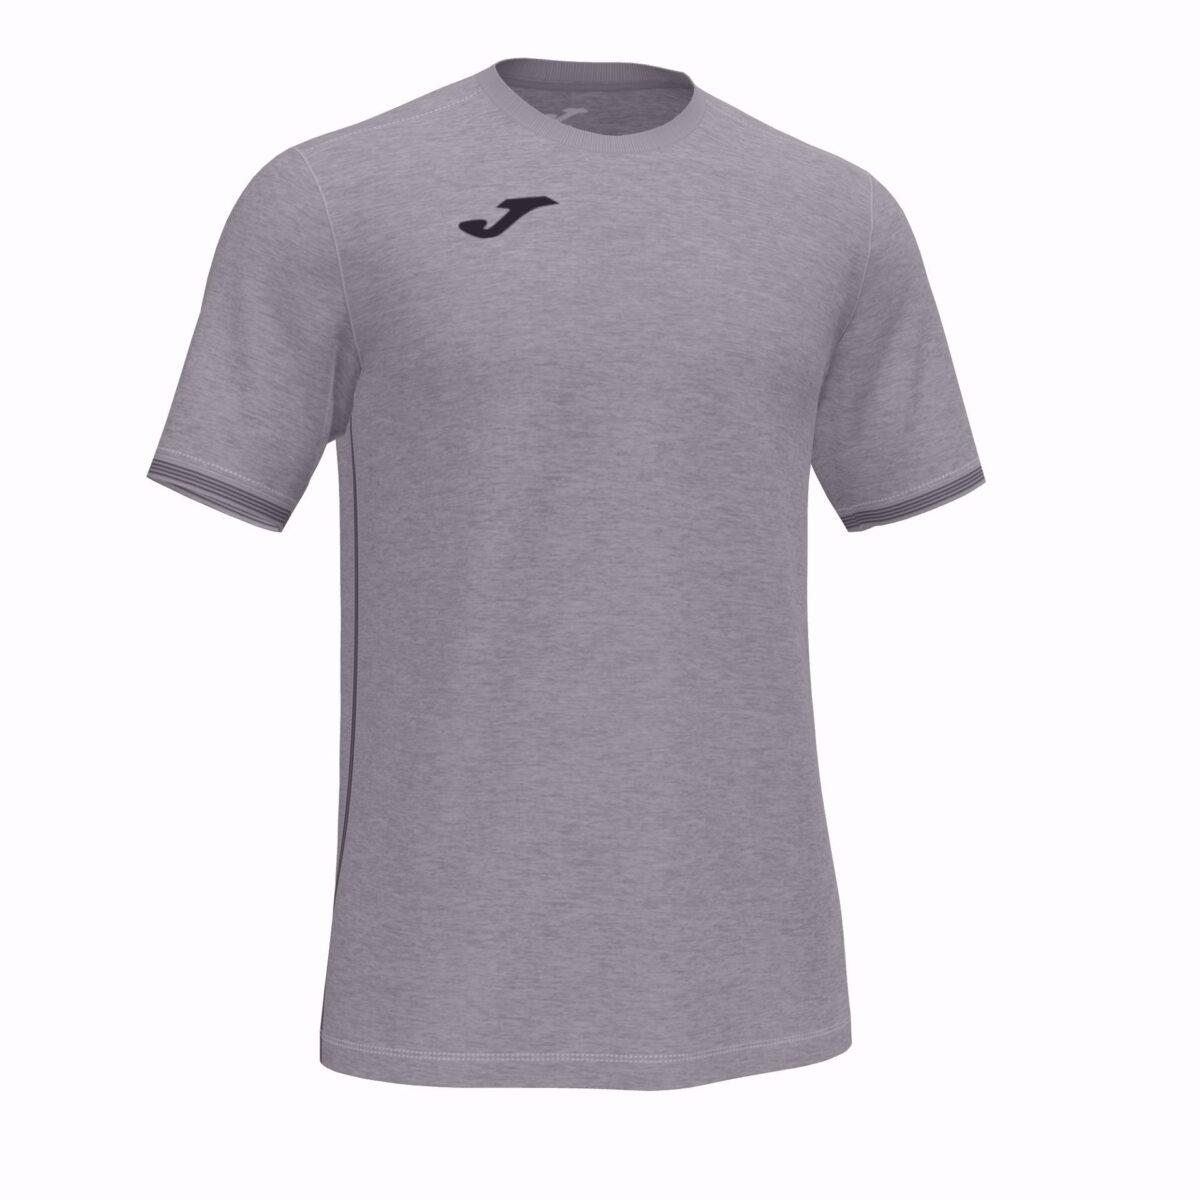 Joma CAMPUS III Adult S/S Football Shirt 101587